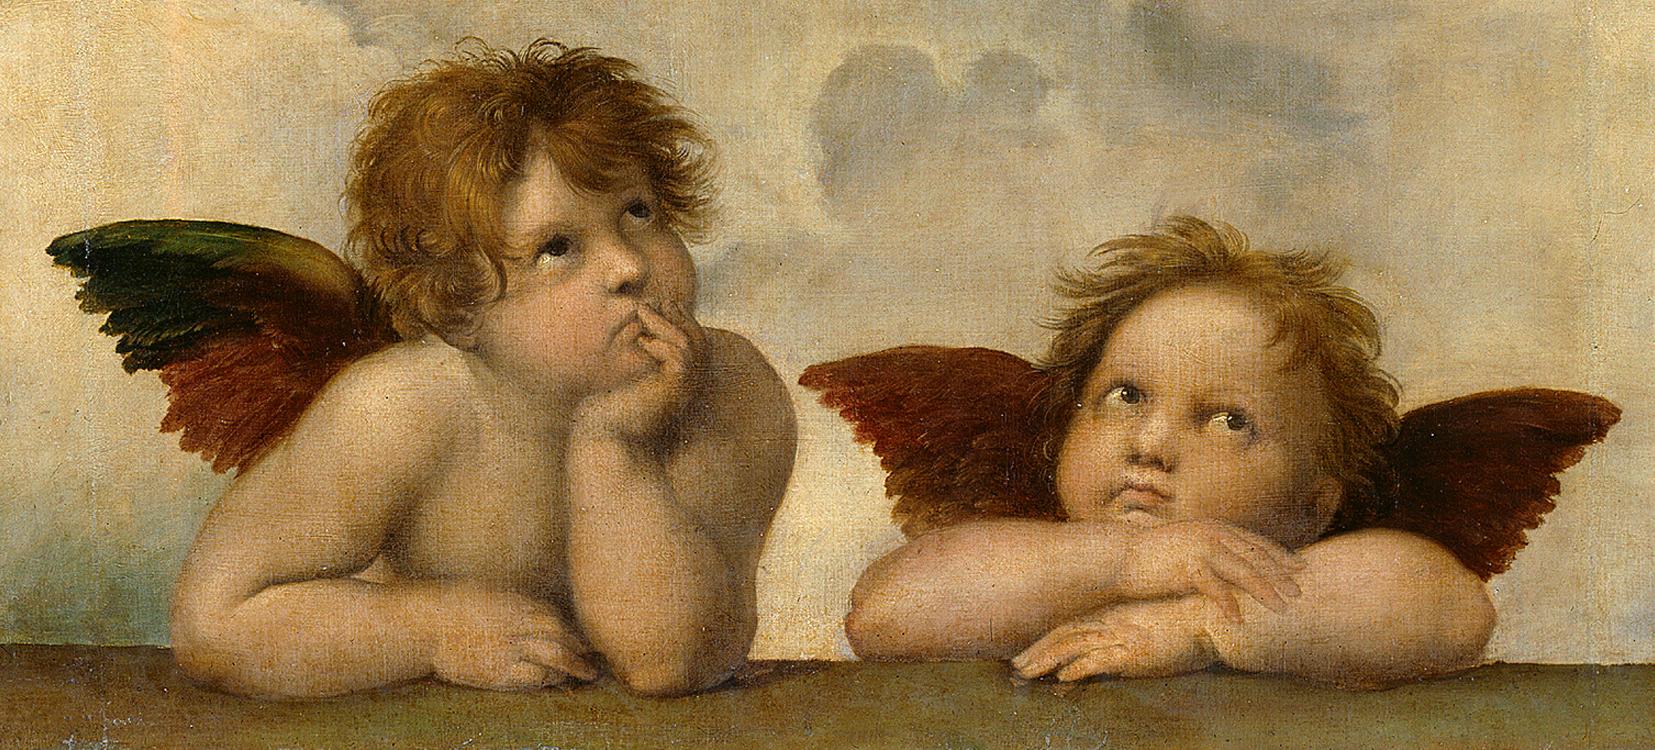 La Madonna Sistina rivive a Piacenza: in mostra la storia del capolavoro di Raffaello